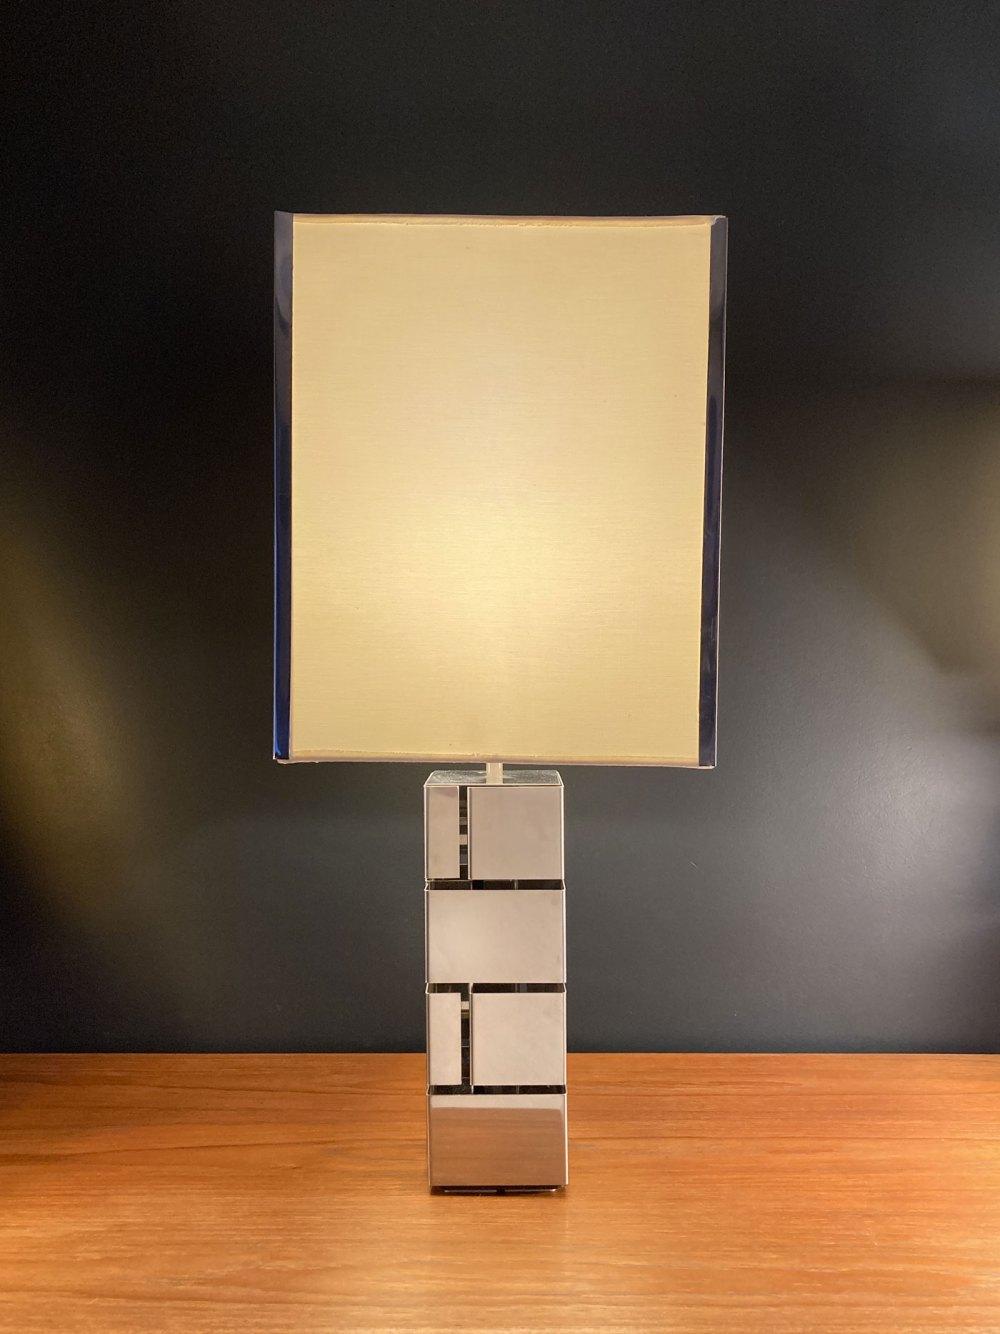 lampe vintage curtis jere 1970. ltgmood.com vente en ligne de décoration et de luminaires vintage à paris